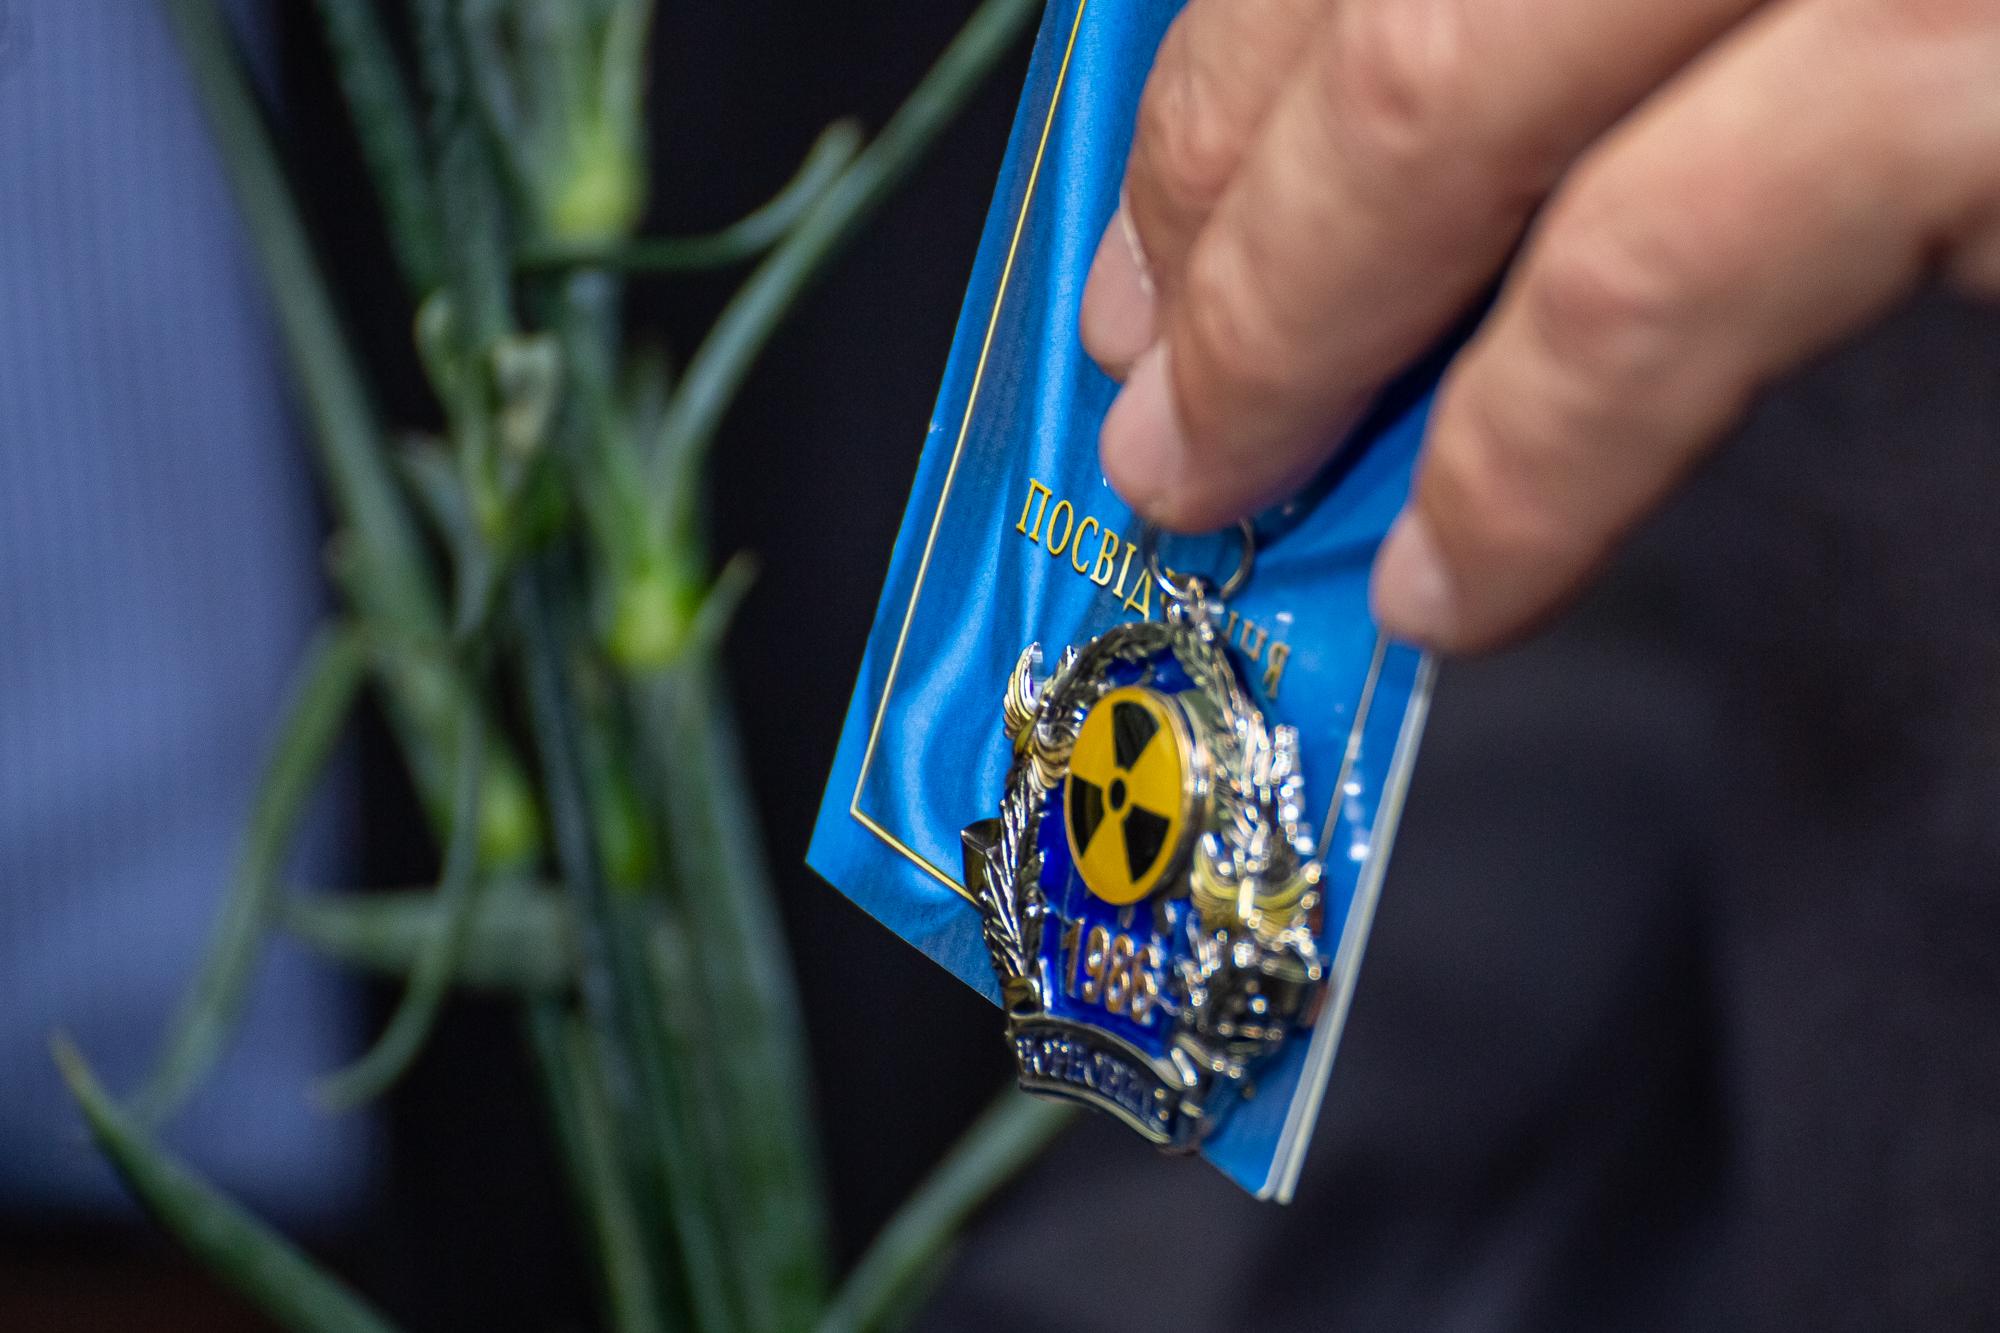 Почесний орден «Тим, хто врятував світ» отримав координатор  Чорнобильського руху Литви Кестутис Казлаускас